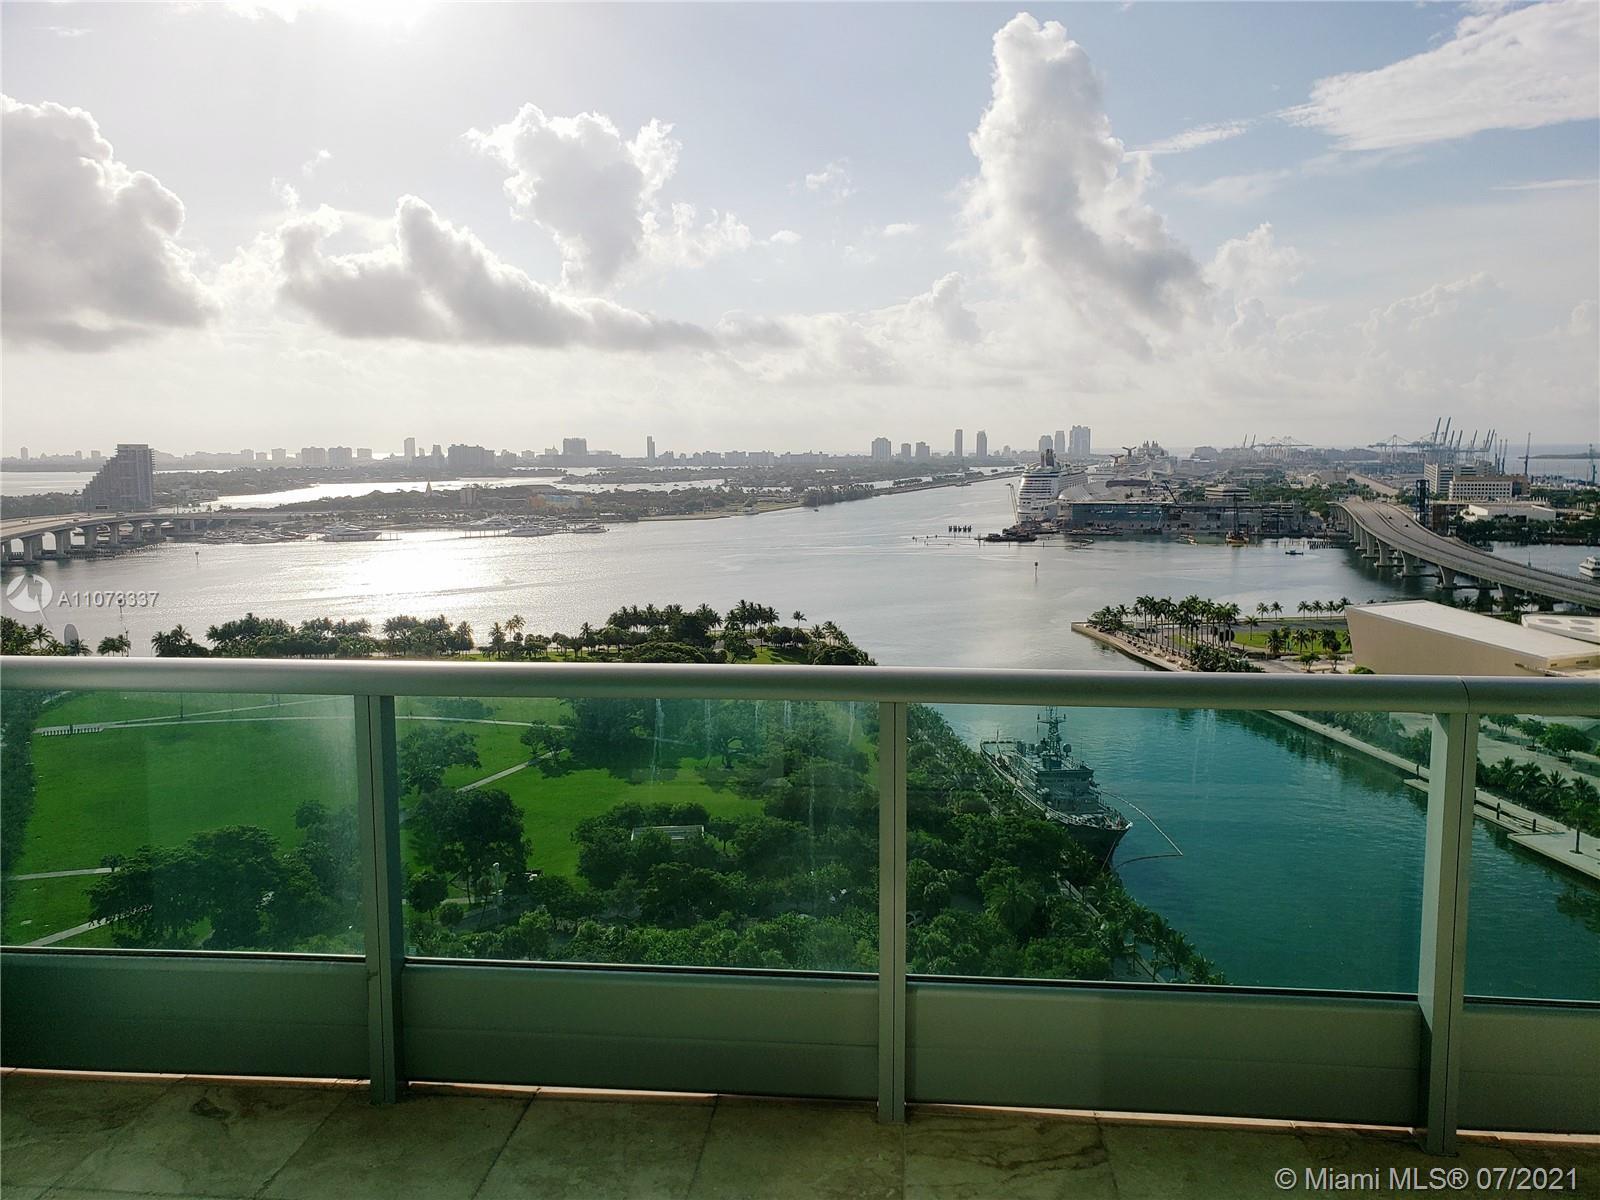 900 Biscayne Bay #2504 - 900 Biscayne Blvd #2504, Miami, FL 33132